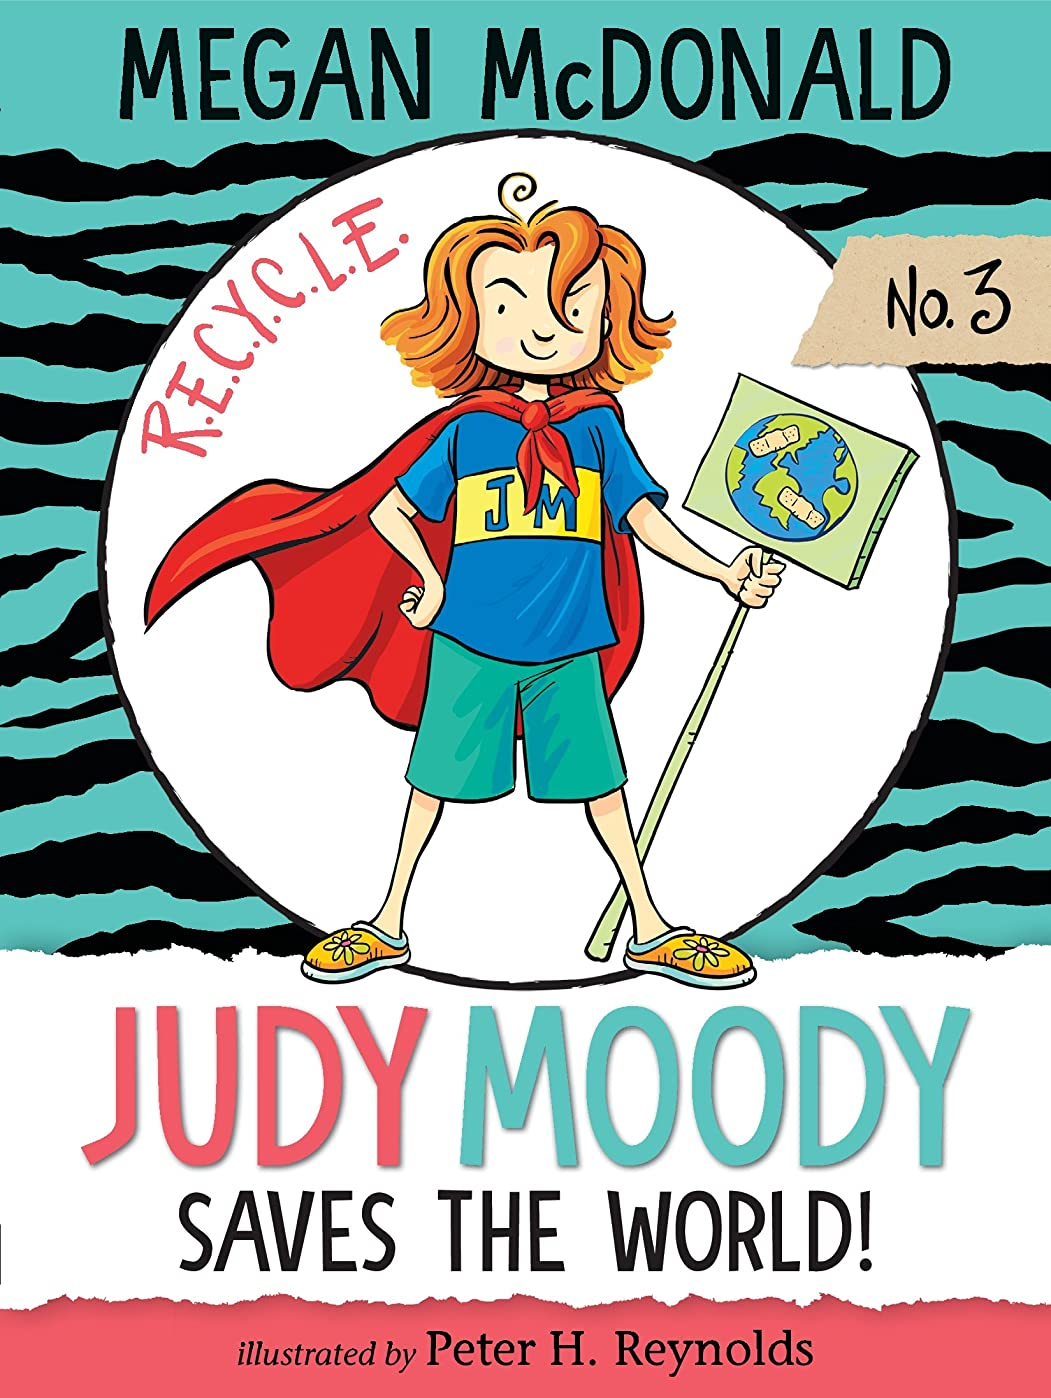 権限を与えるアルプス束Judy Moody Saves the World! (English Edition)